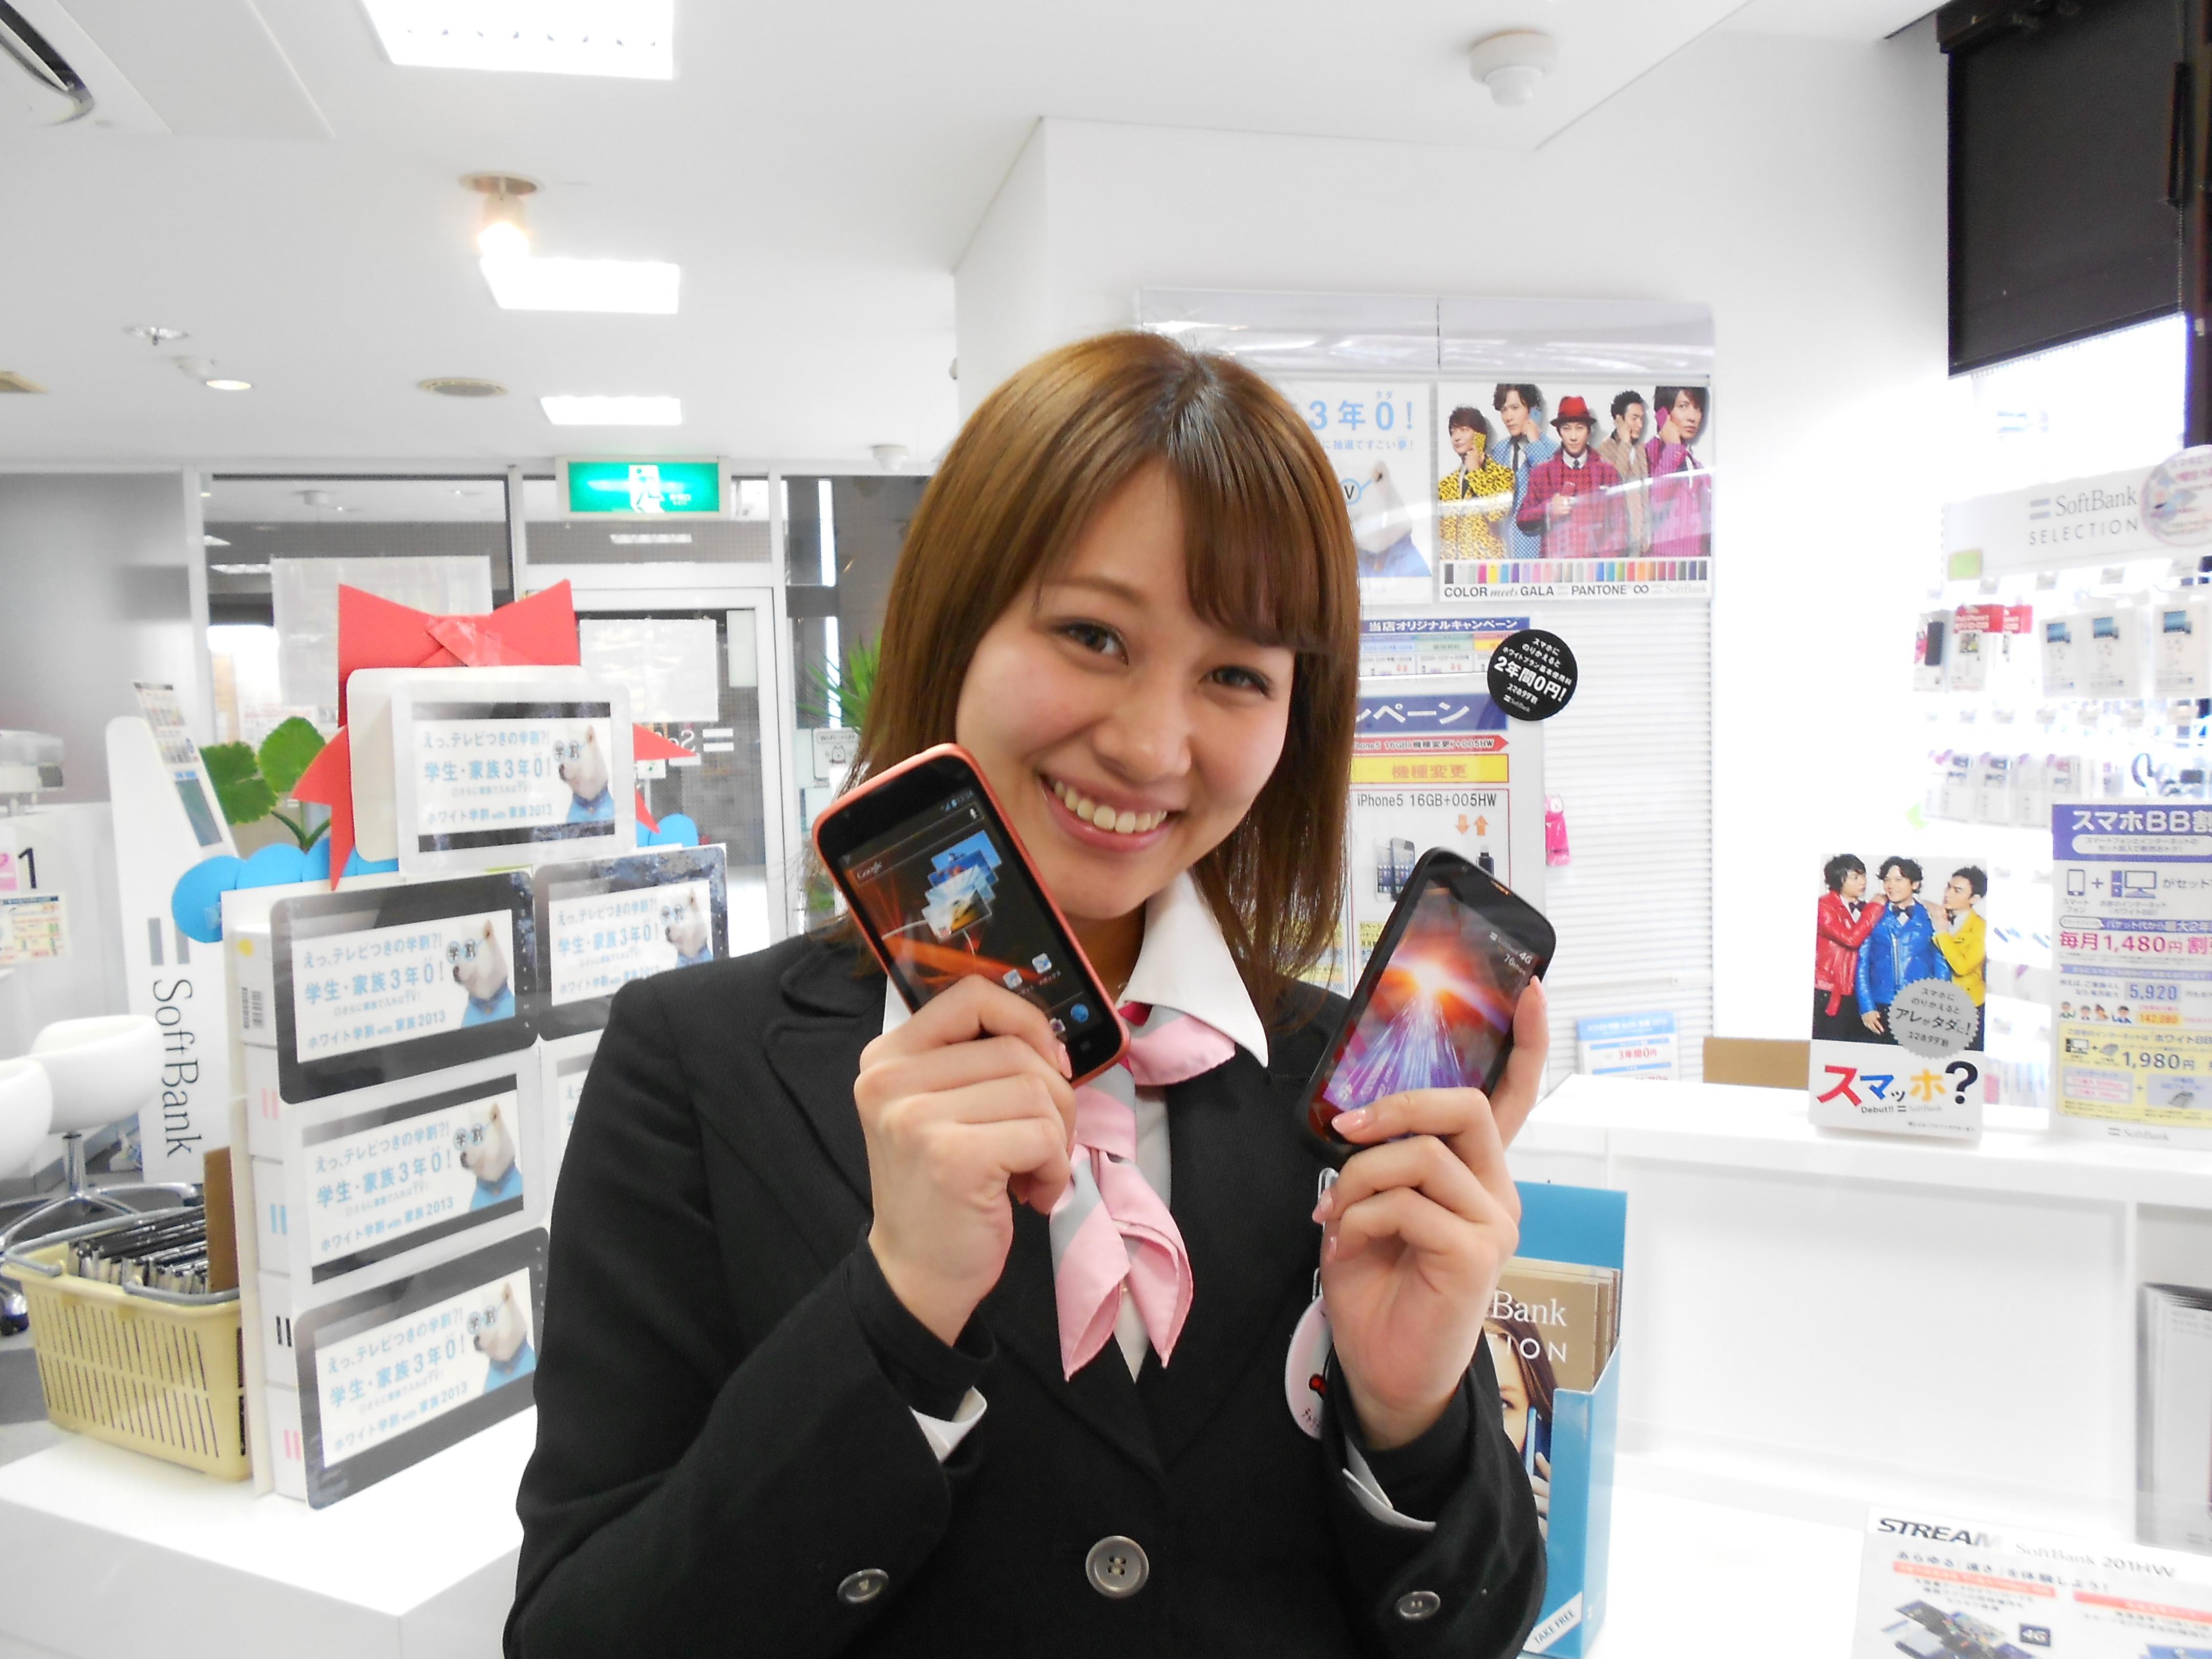 ワイモバイル モゾ ワンダーシティー上小田井(株式会社シエロ)のアルバイト情報